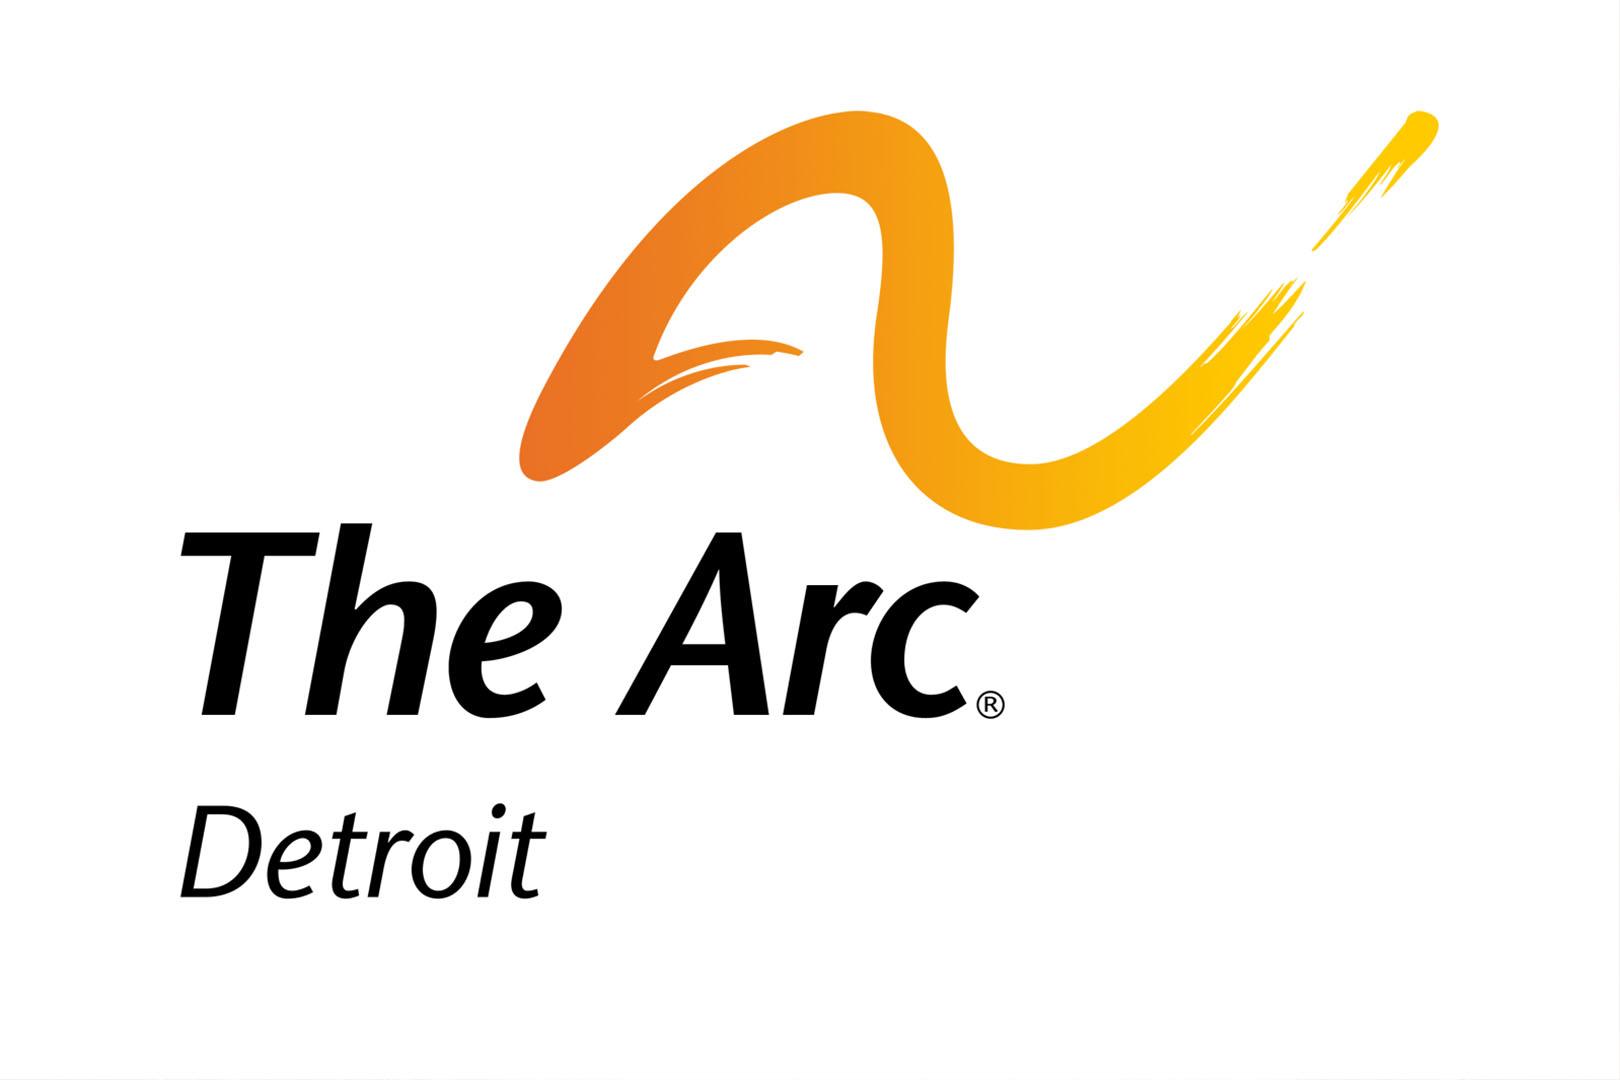 The Arc Detroit